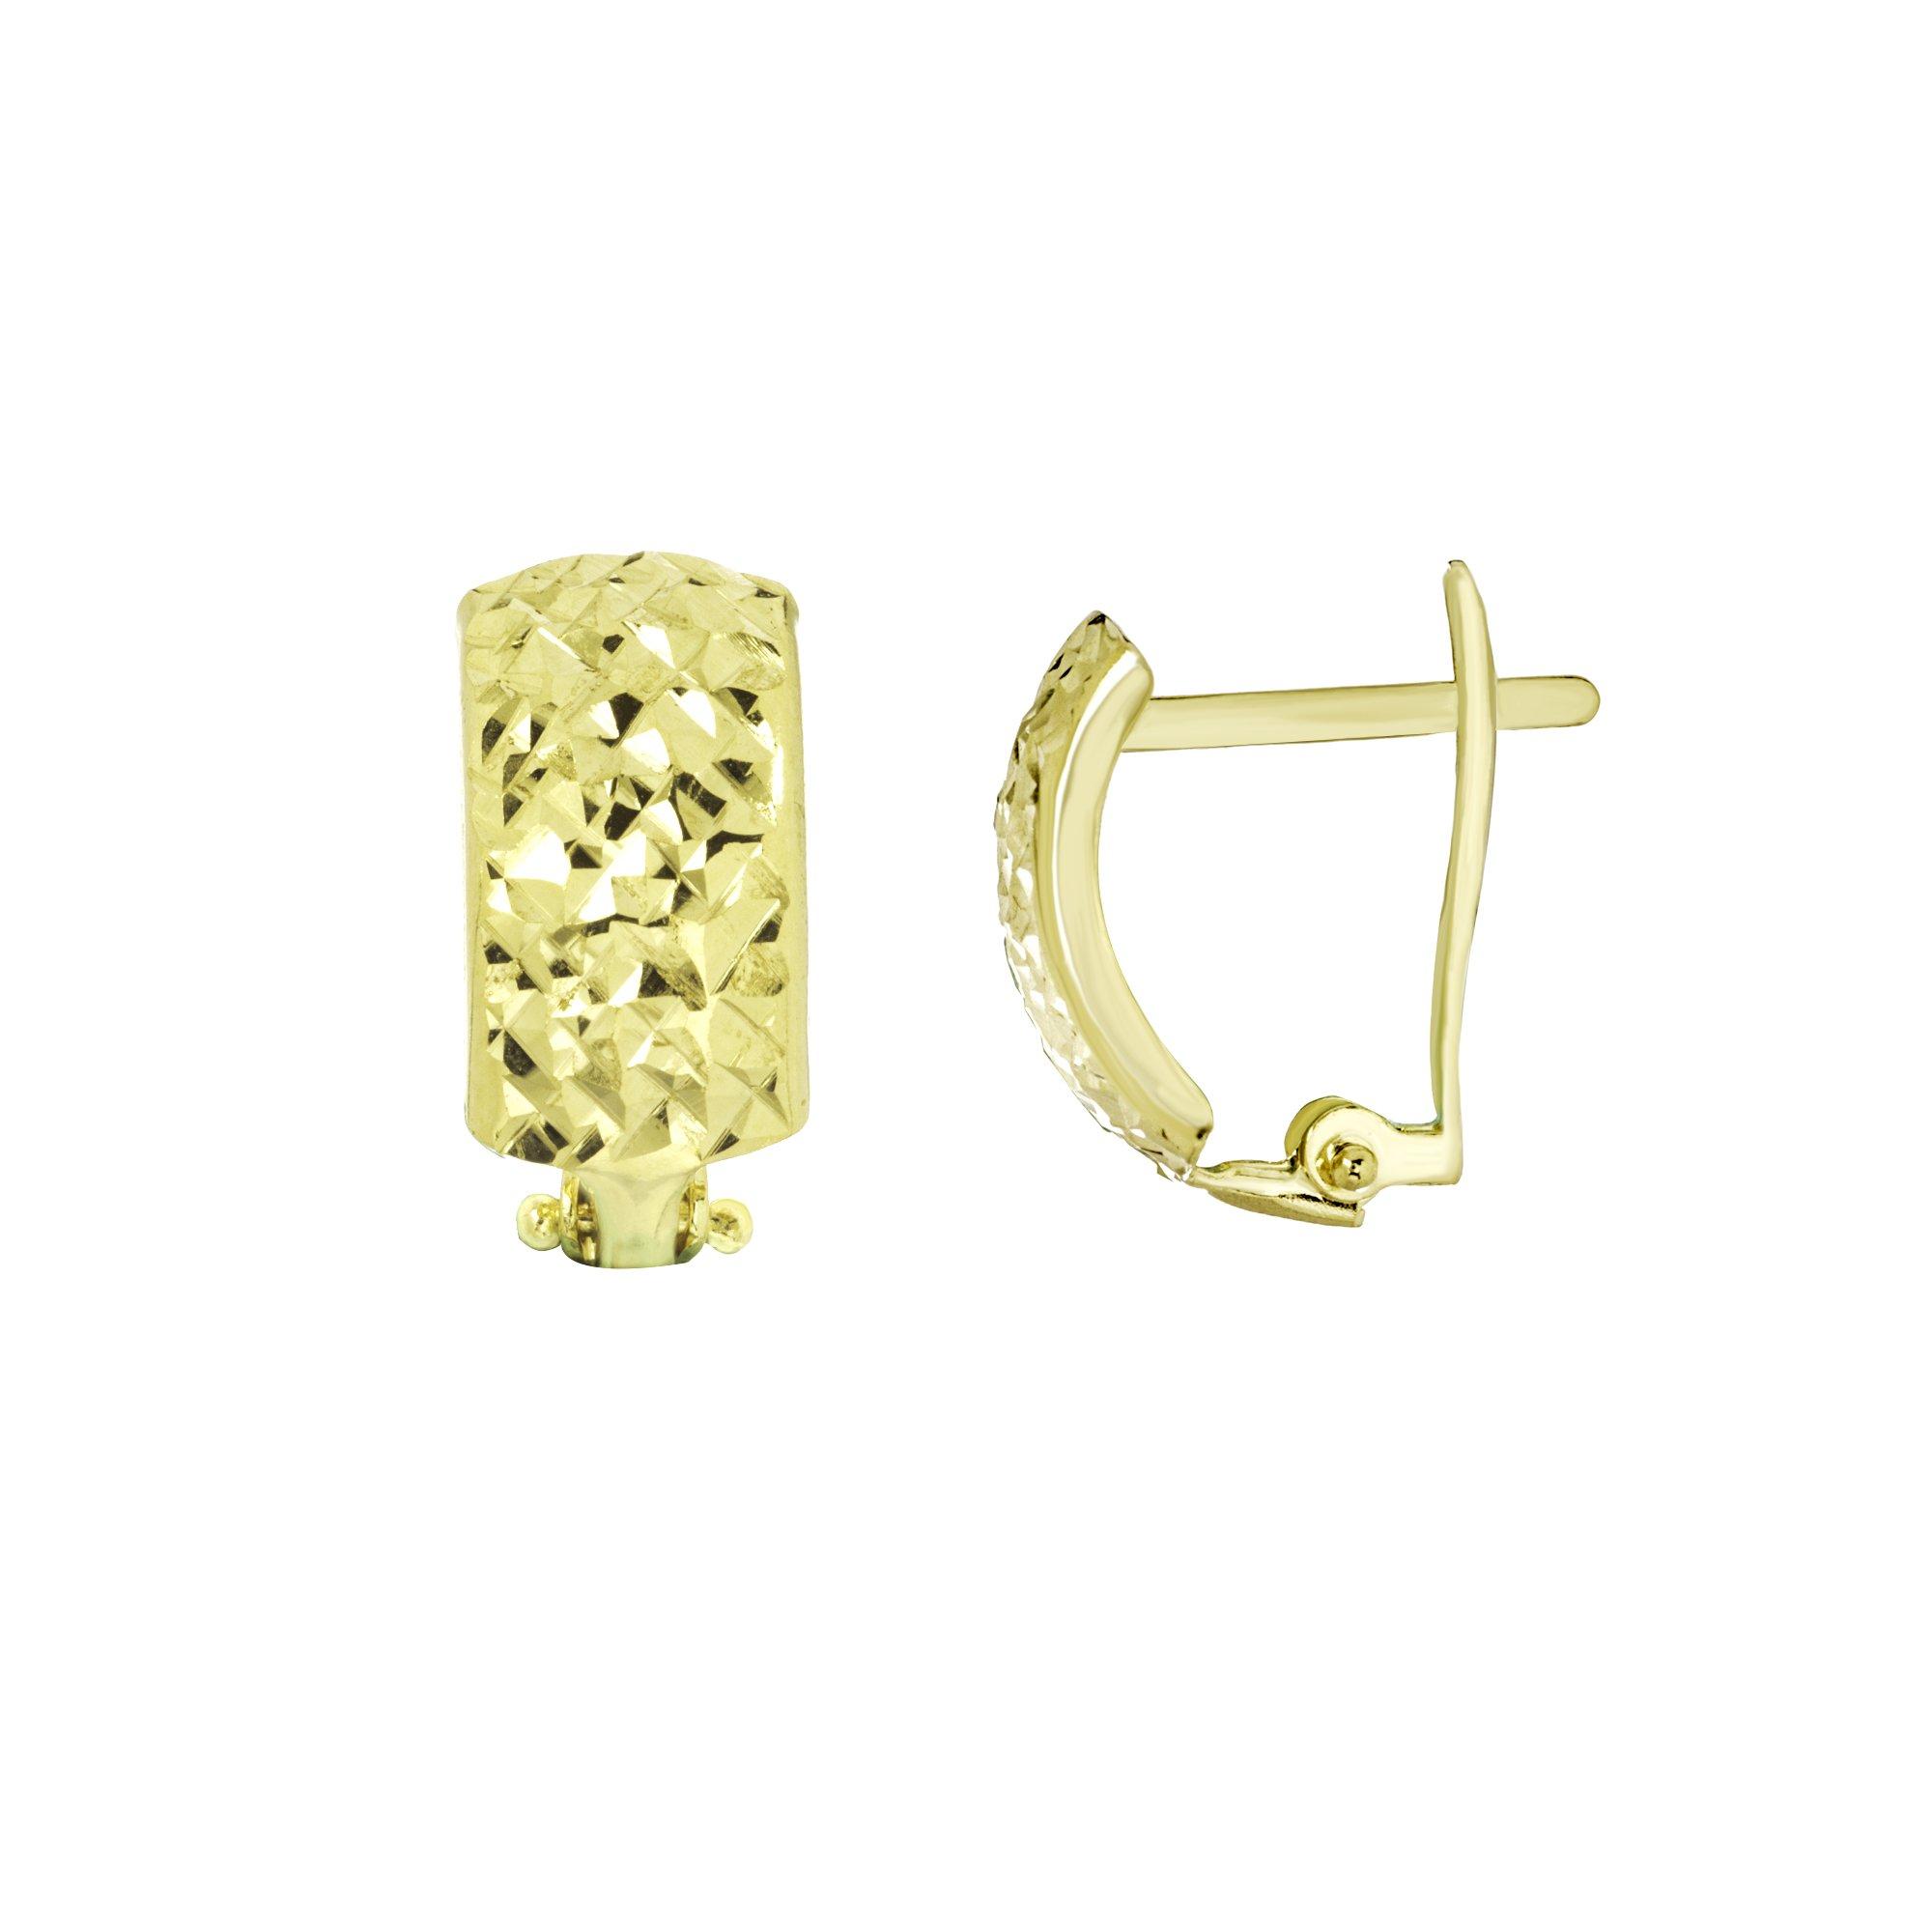 CLIP BACK EARRINGS, 10KT GOLD CRISS CROSS DIAMOND CUT CLIP BACK EARRINGS